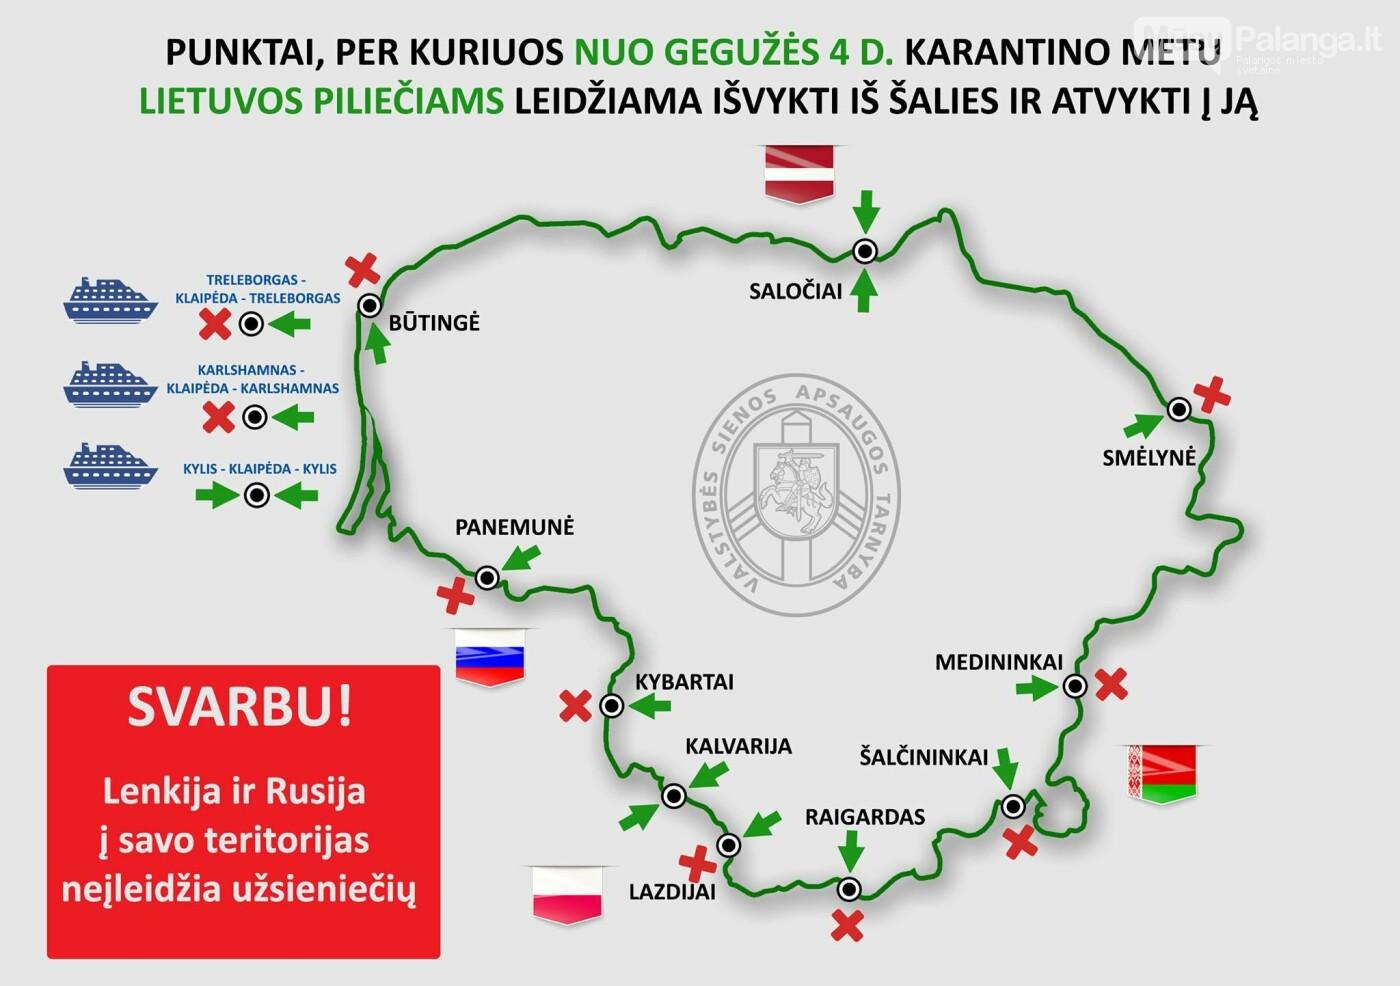 Svarbi informacija apie išvykimo iš Lietuvos karantino laikotarpiu išimtis, nuotrauka-1